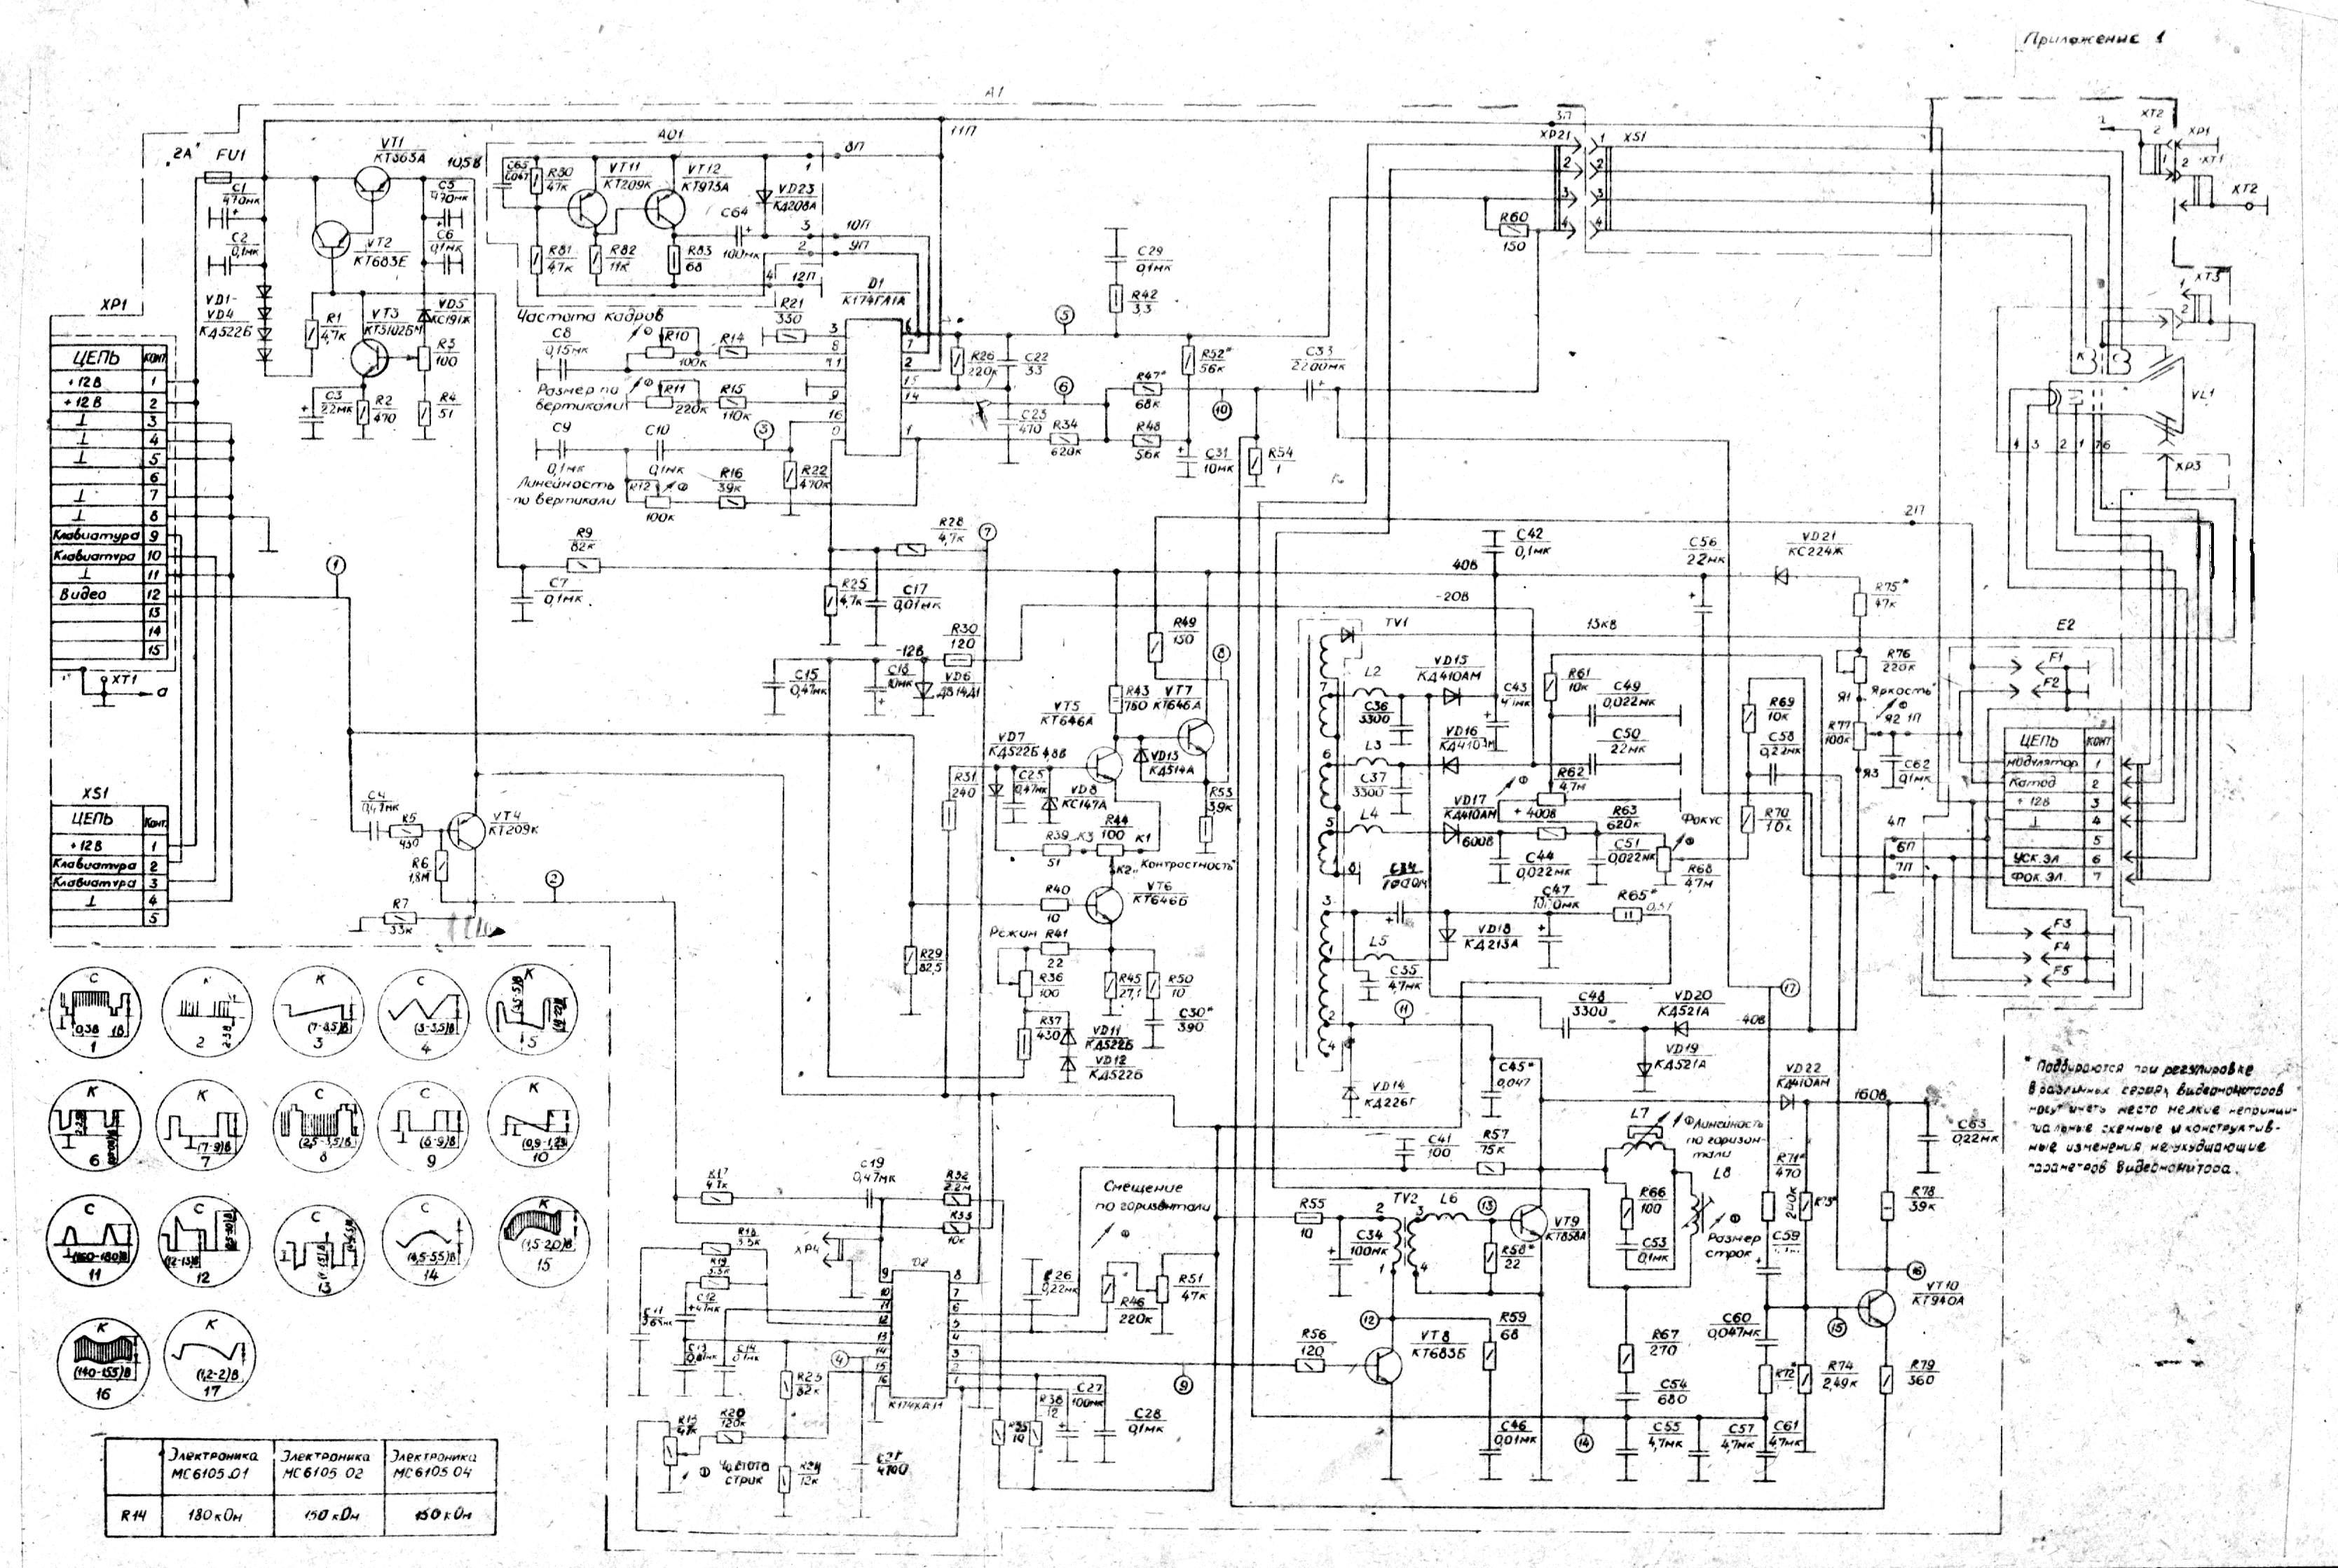 h схему электрошокового средства защиты